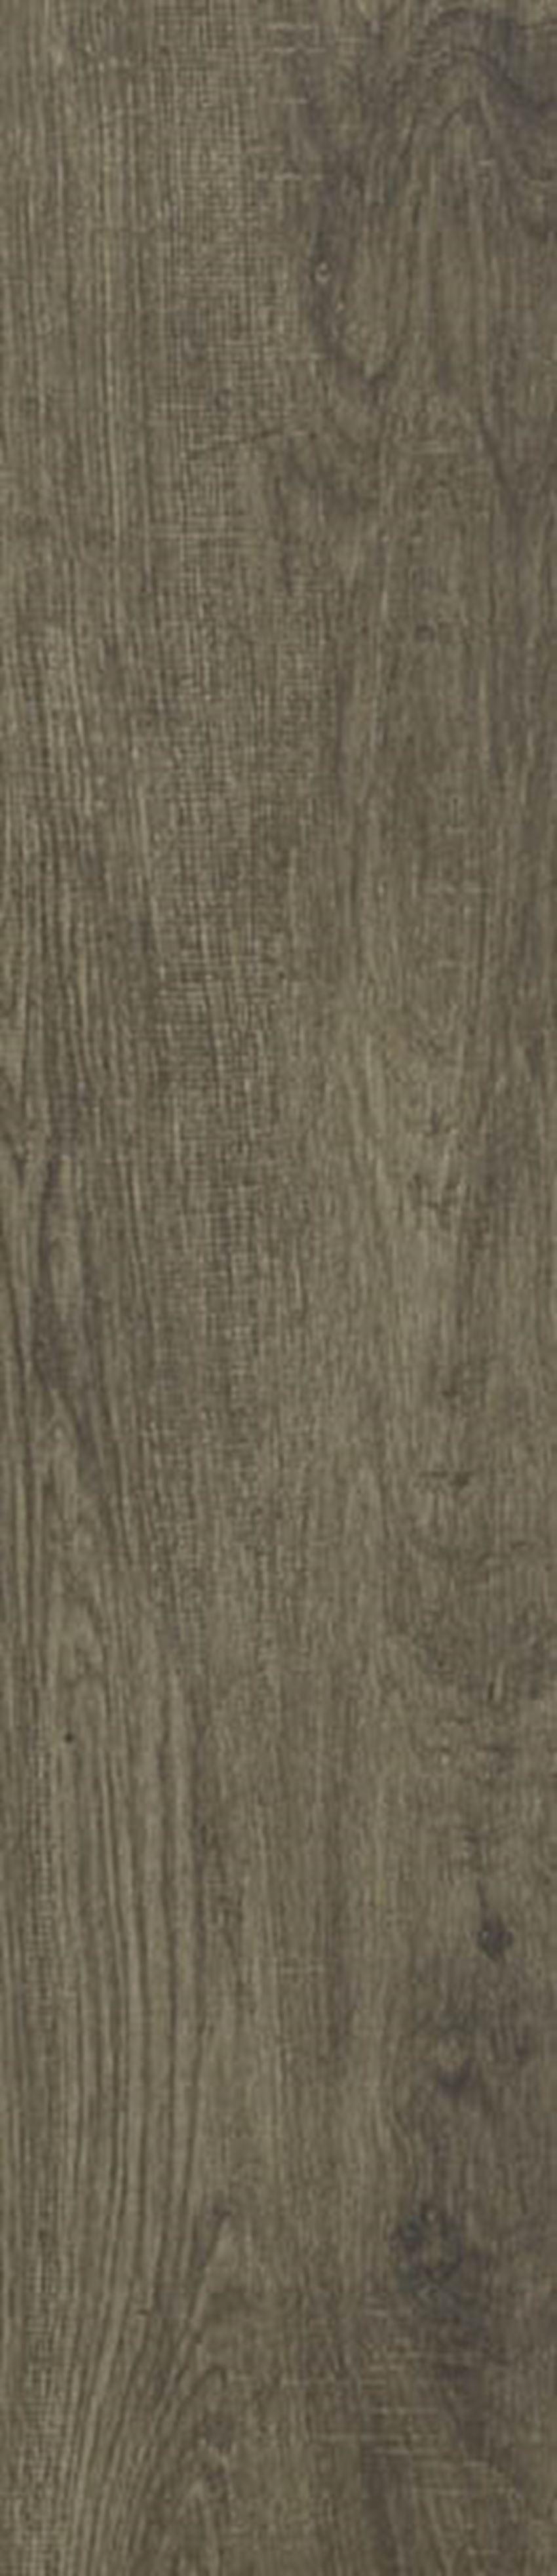 Płytka ścienno-podłogowa 19,4x90 cm Paradyż Tammi Brown Gres Szkl. Rekt. Mat.